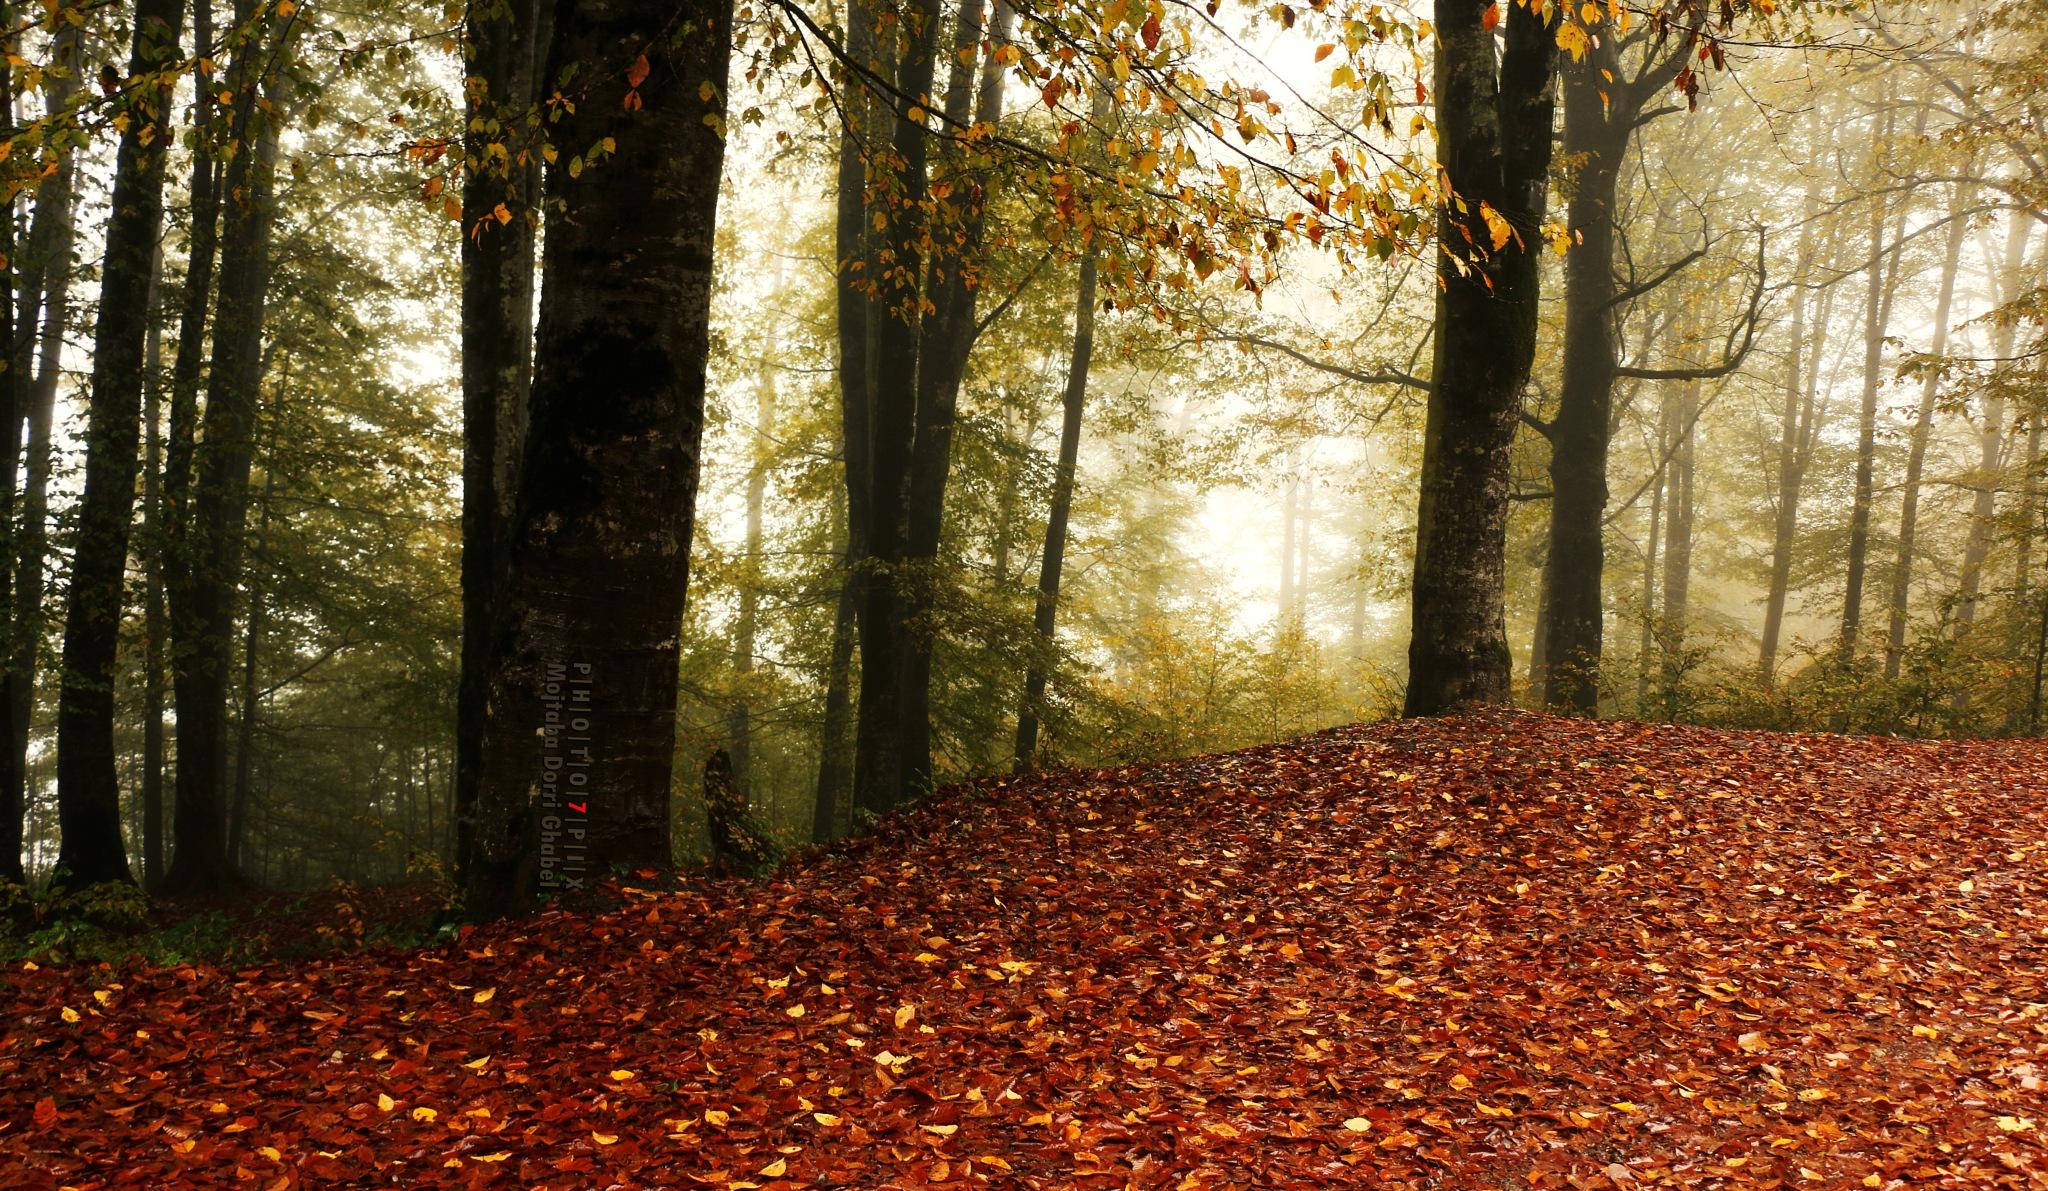 autumn colors by mojtabadorri